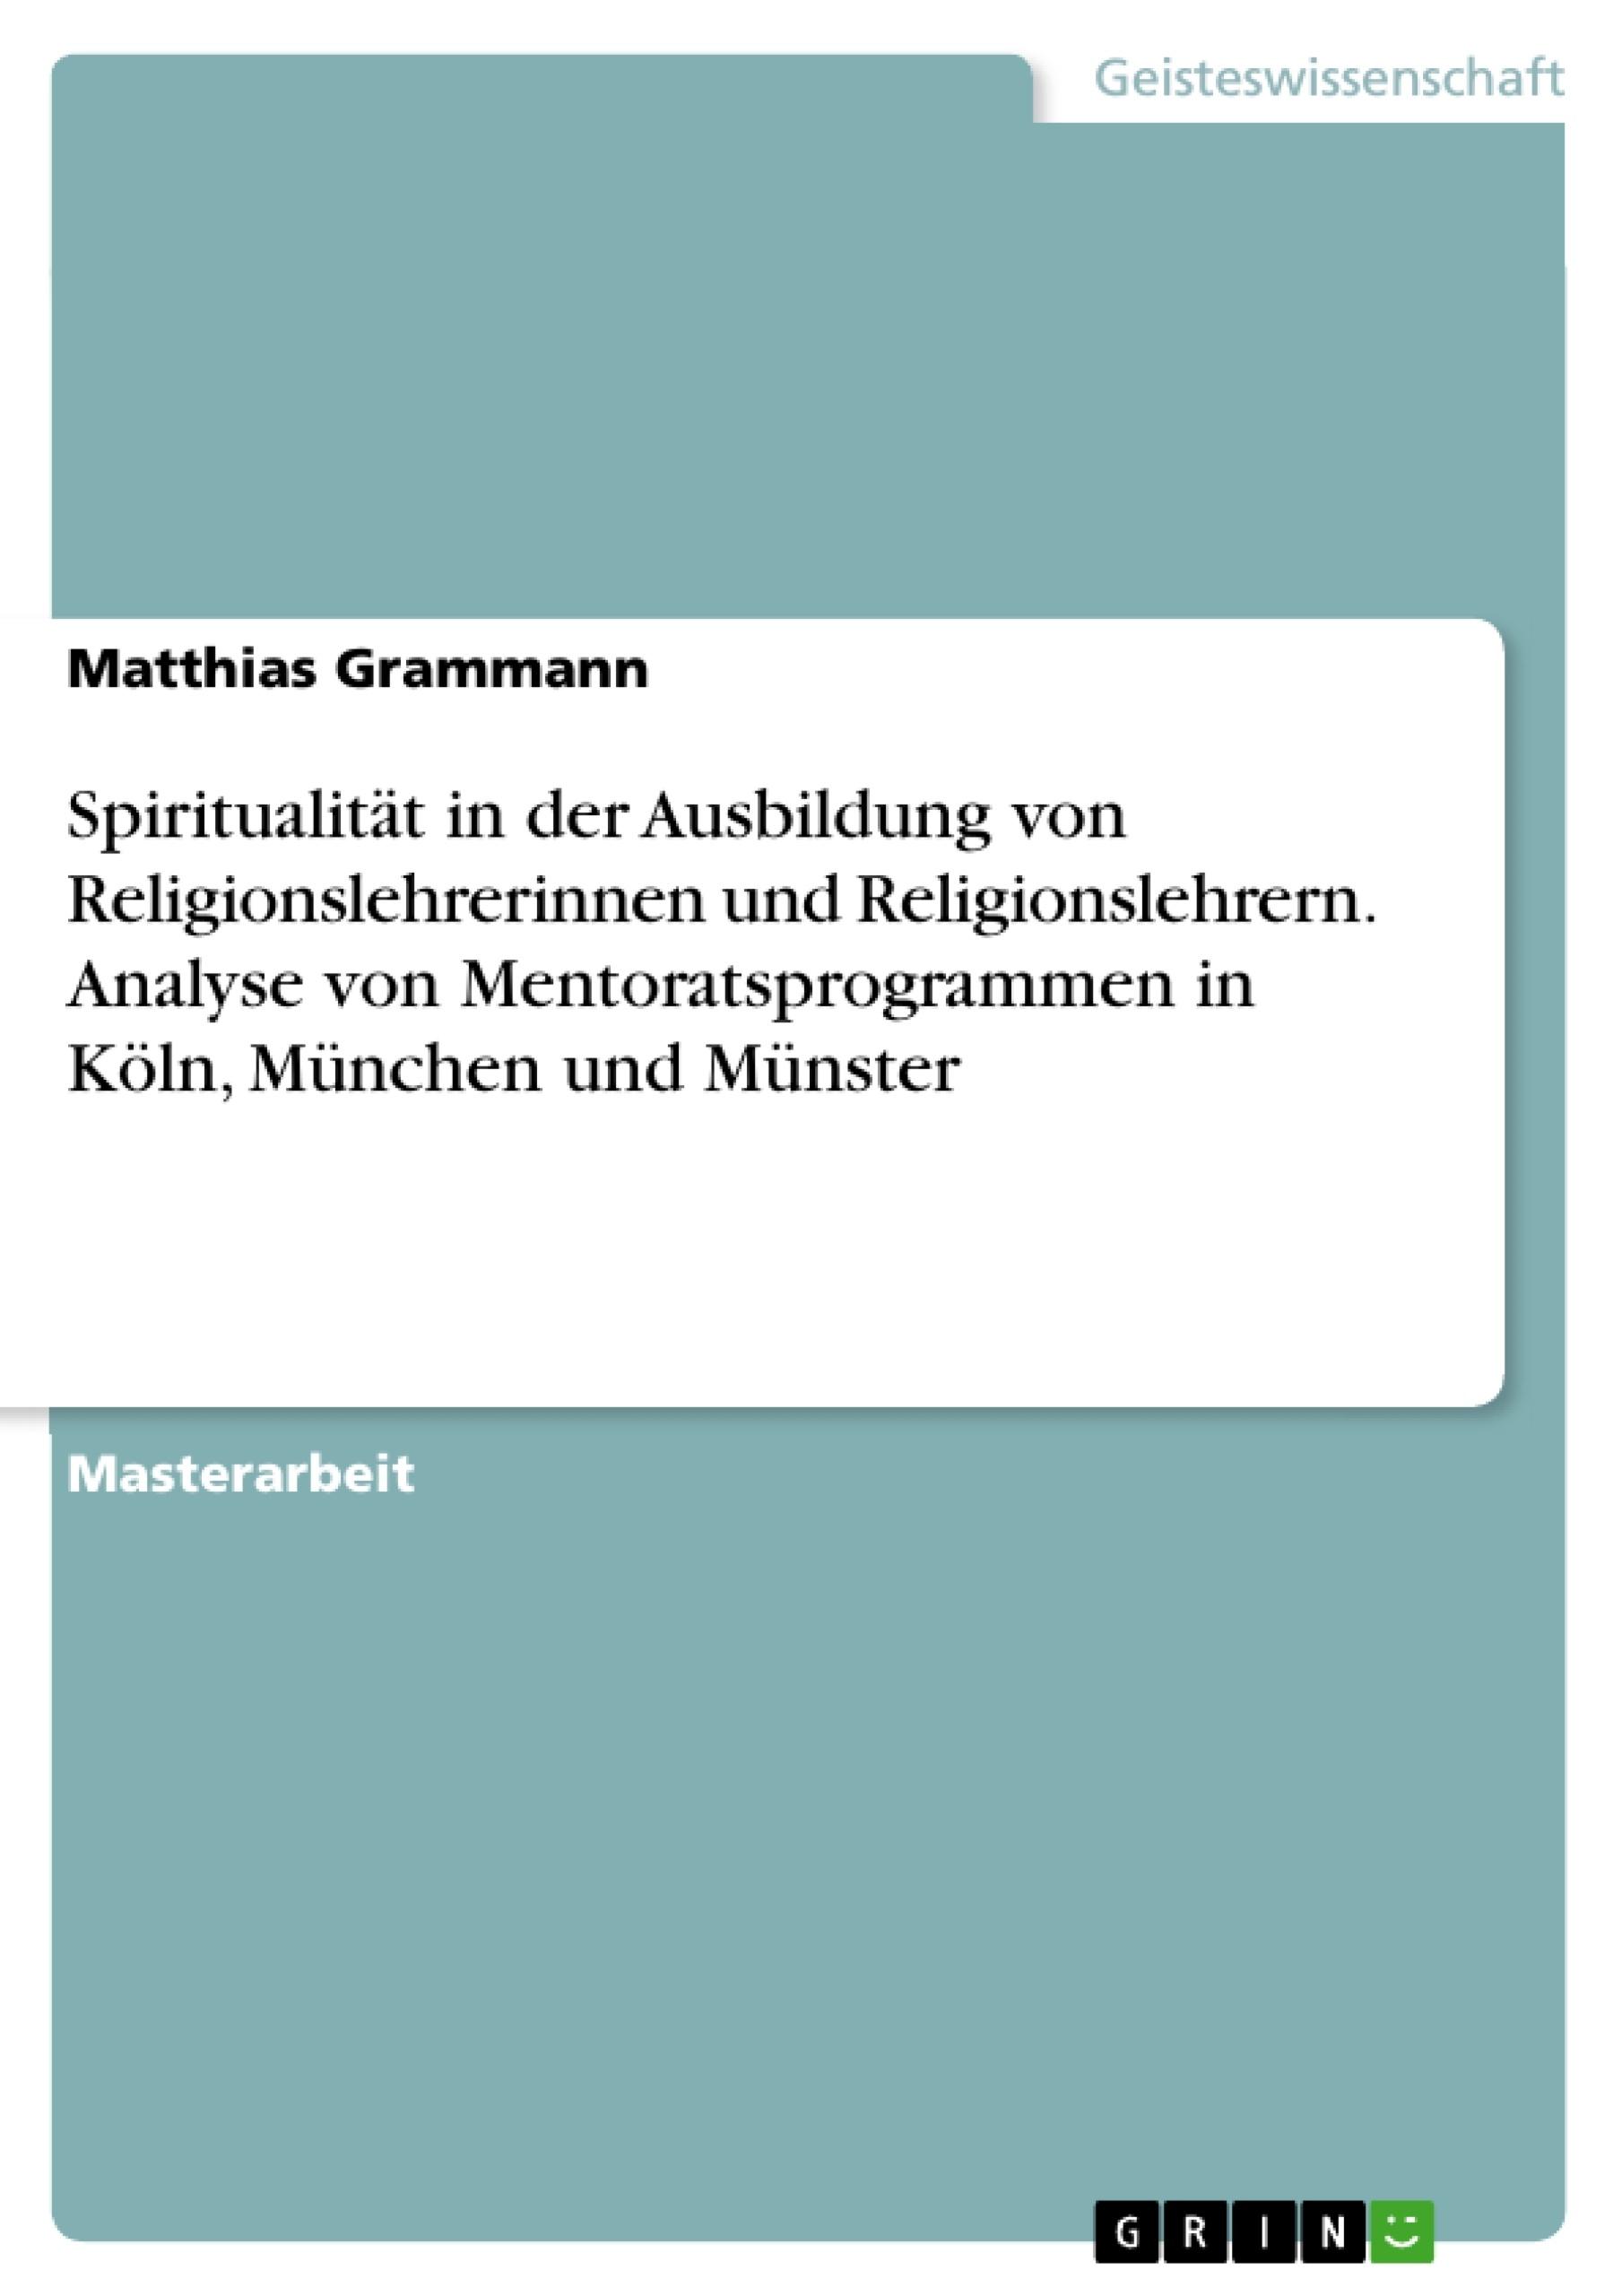 Titel: Spiritualität in der Ausbildung von Religionslehrerinnen und Religionslehrern. Analyse von Mentoratsprogrammen in Köln, München und Münster